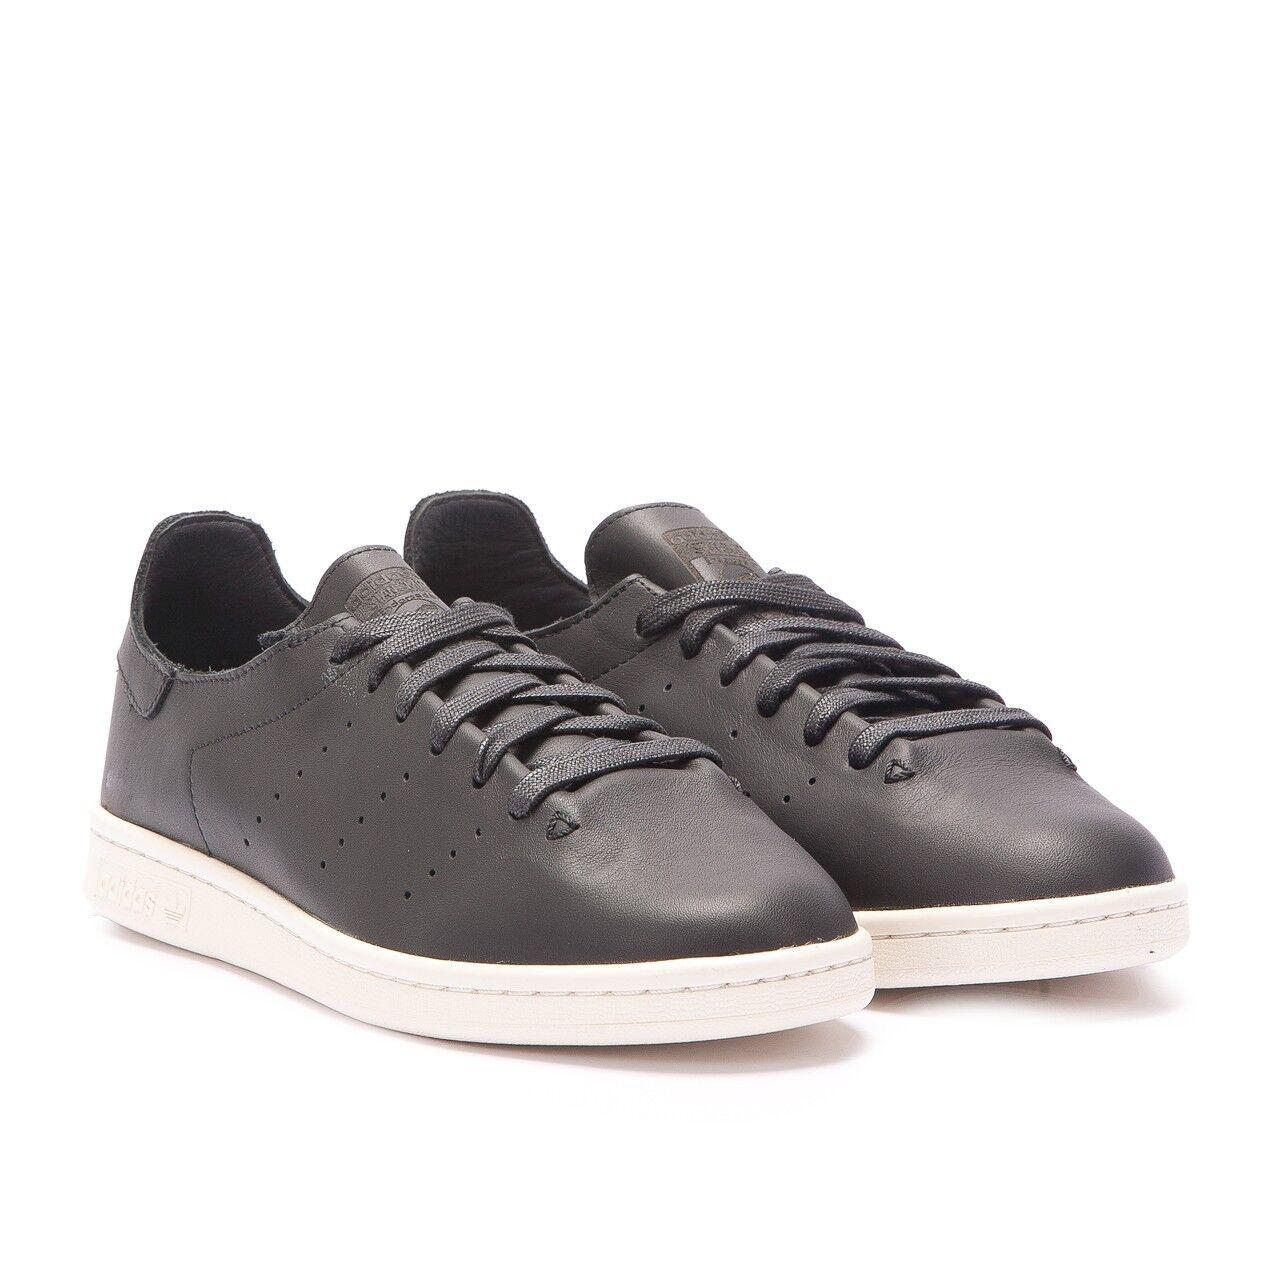 Adidas Originals Stan Smith Calcetín De Cuero Tamaños Tamaños Cuero de 4 a 11 disponibles Negro AQ4788 2a7682